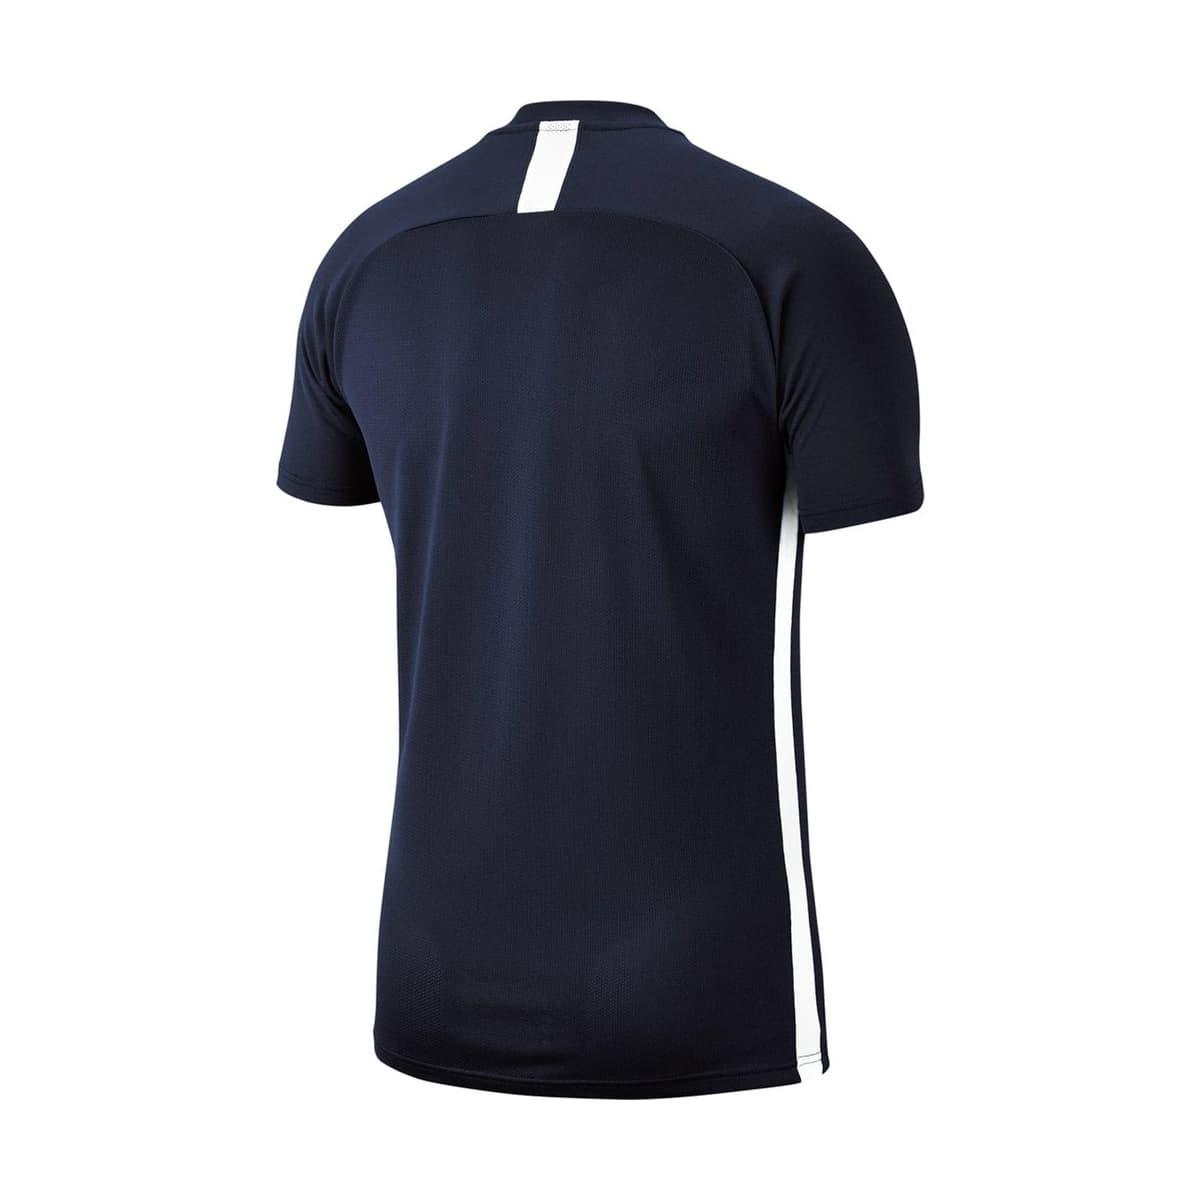 Dry Academy 19 Erkek Lacivert Futbol Tişört (AJ9088-451)